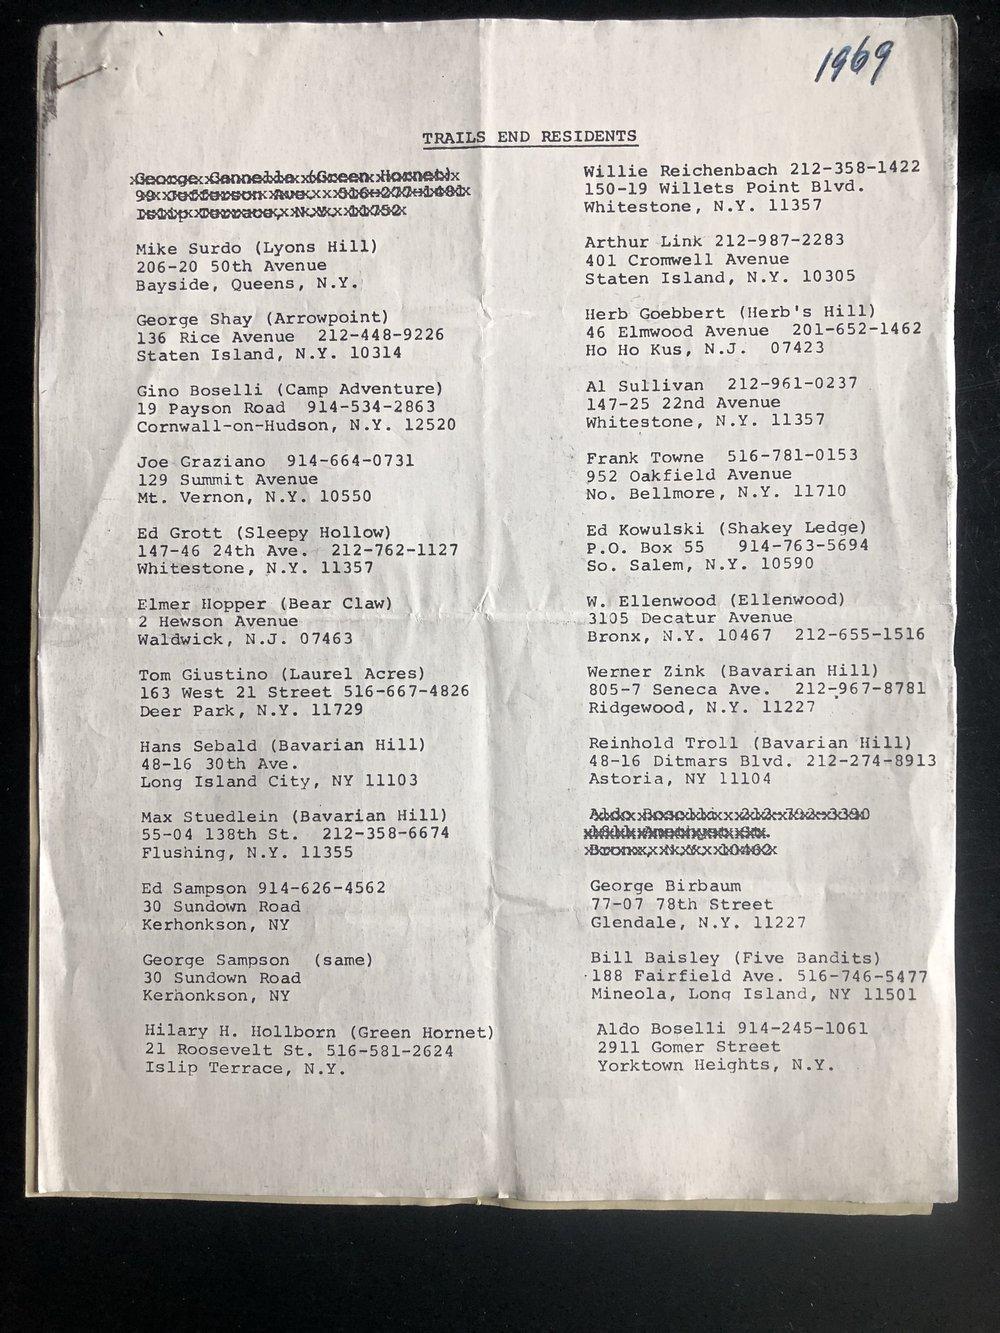 1969-OwnersList.JPG